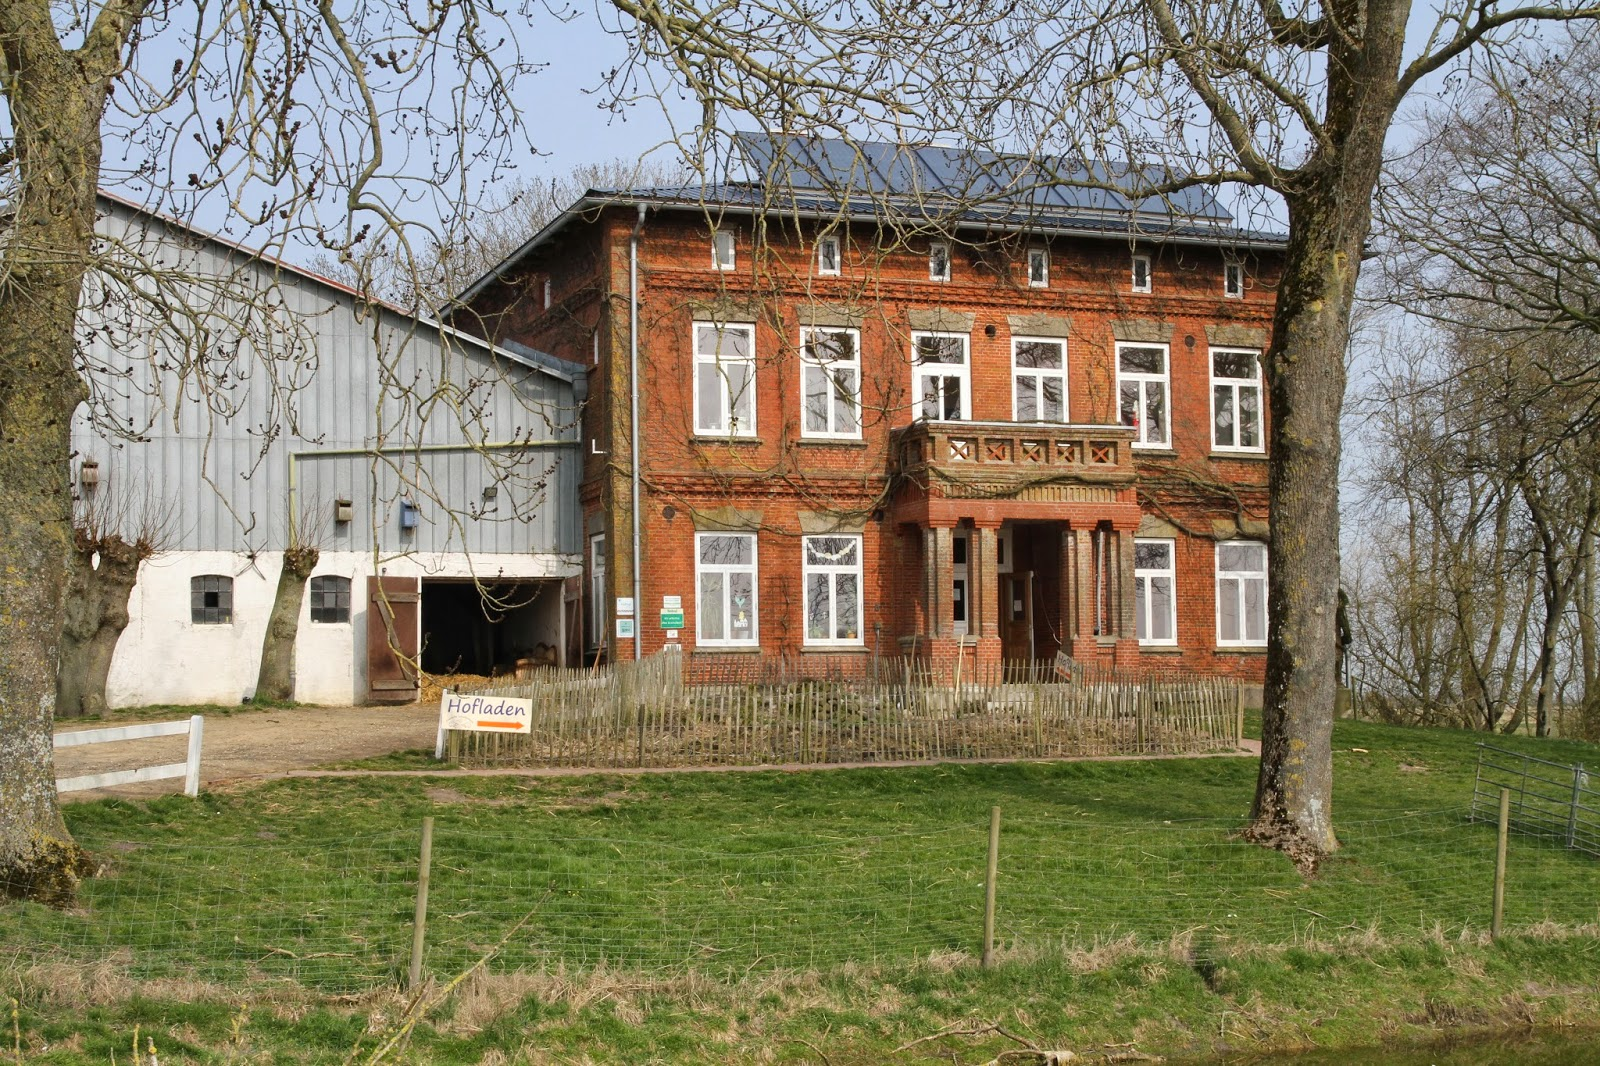 Unser Erster Anlaufpunkt War Dann Die Friesische Schafskäserei In  Tetenbüll, Wo Wir Direkten Kontakt Zu Heiner Volquardsens Schafen Aufnehmen  Konnte.